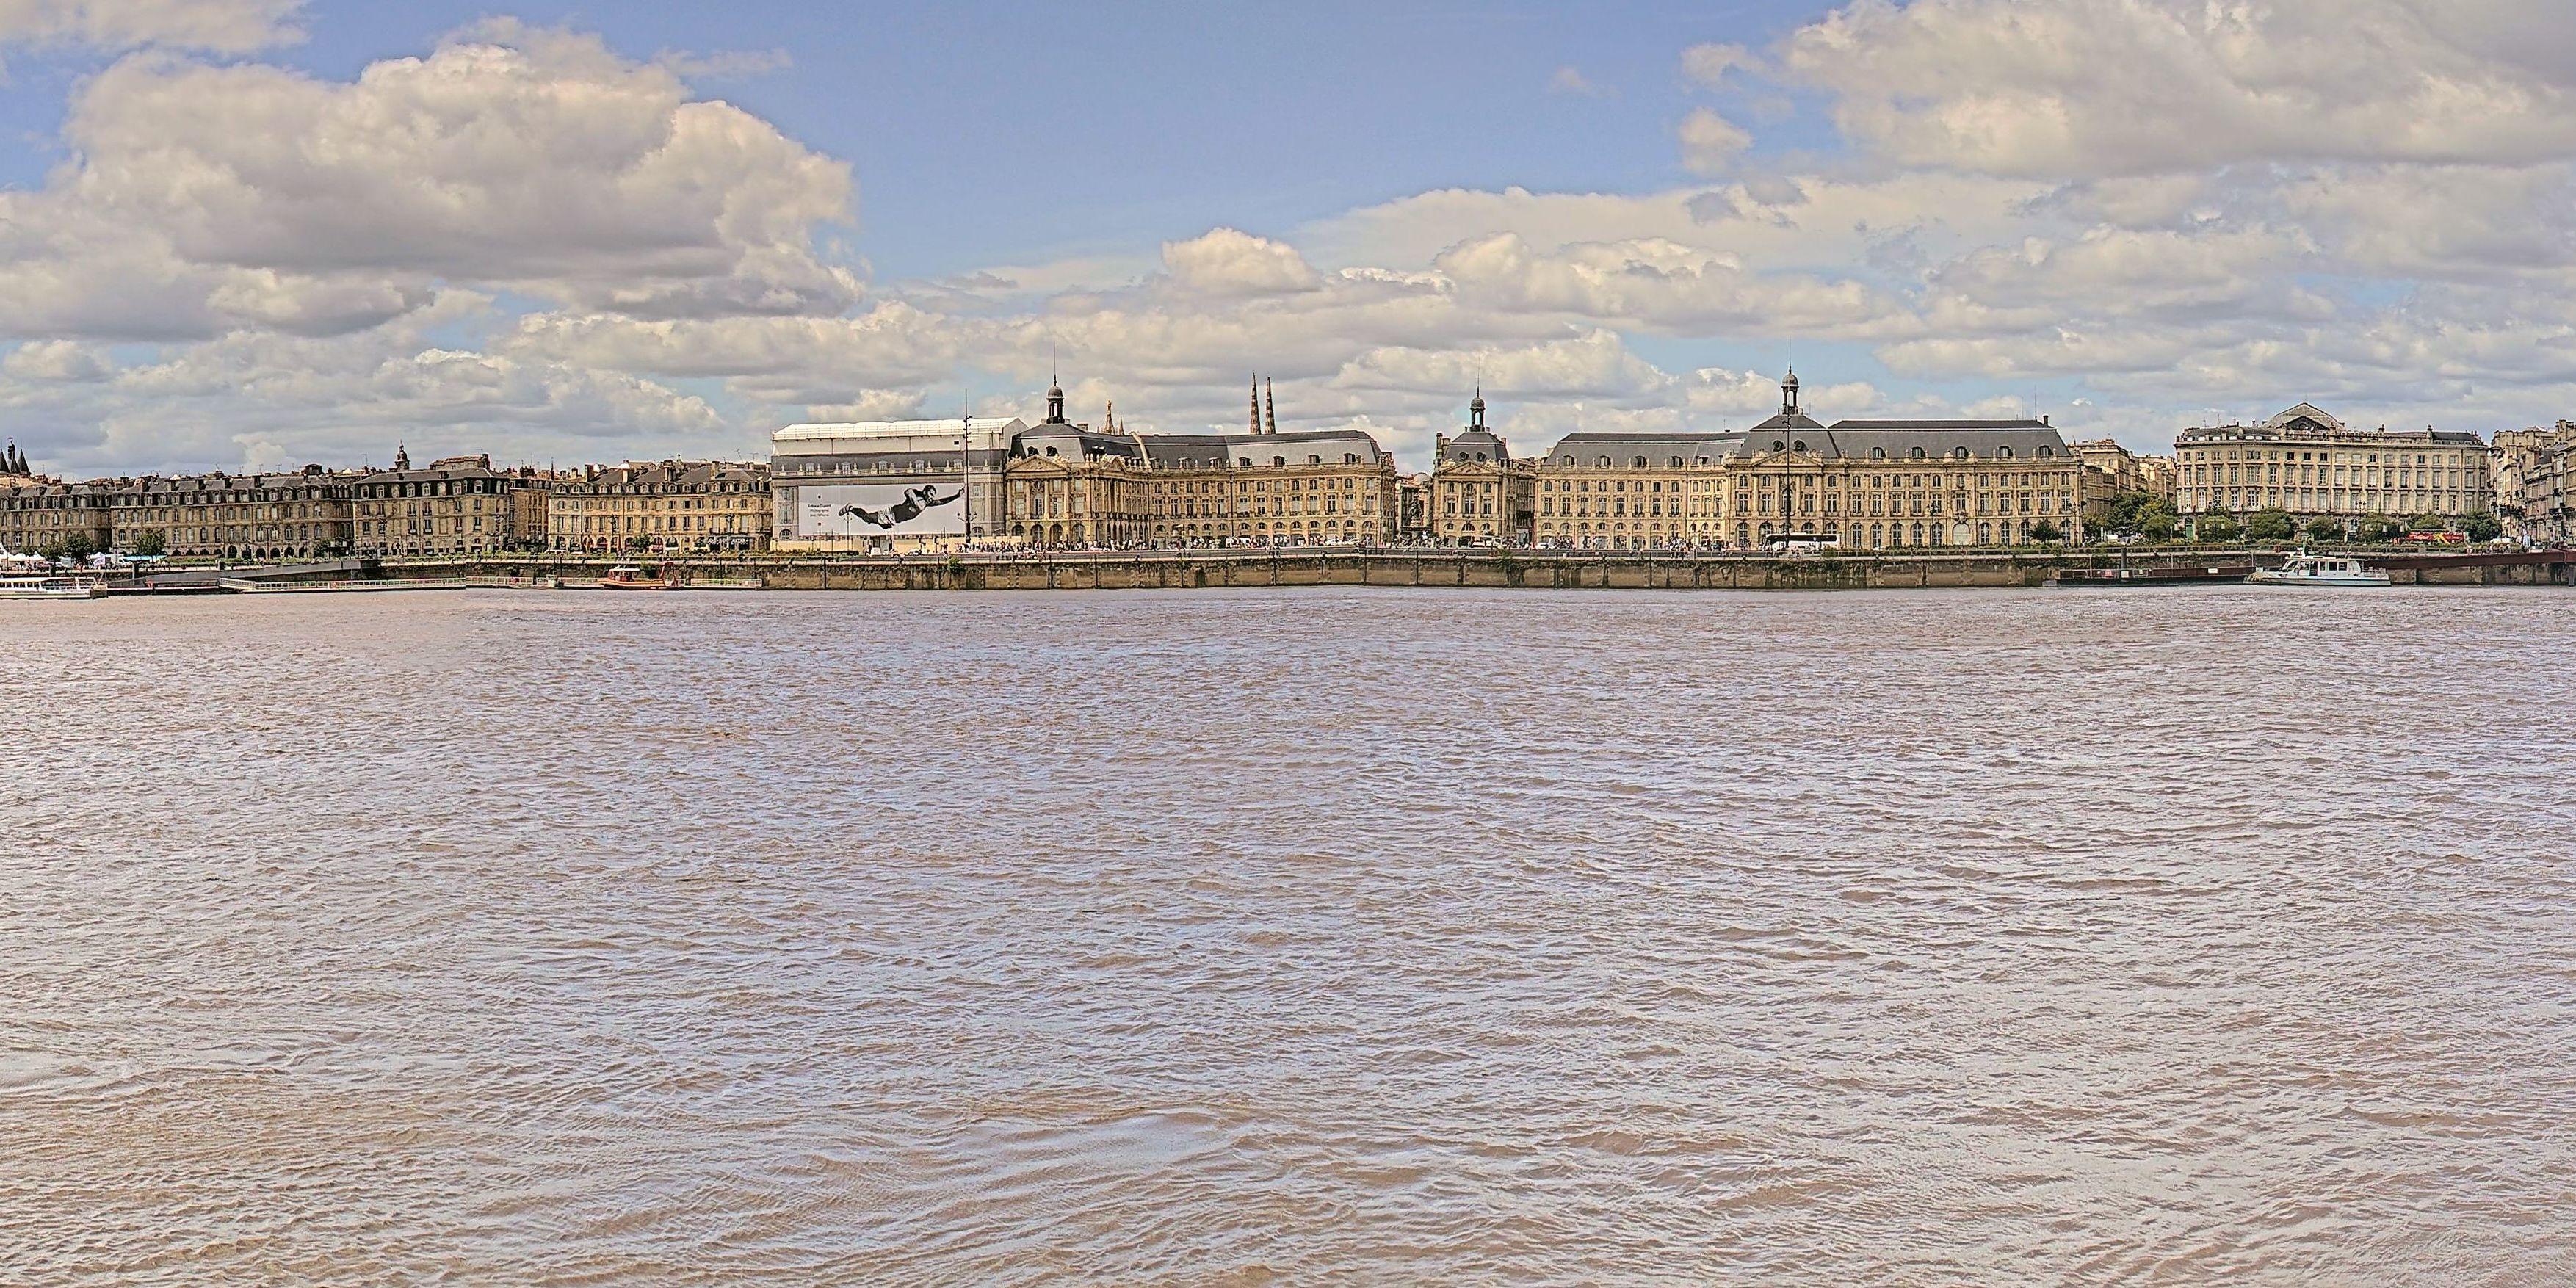 Bordeaux Thu. 14:06